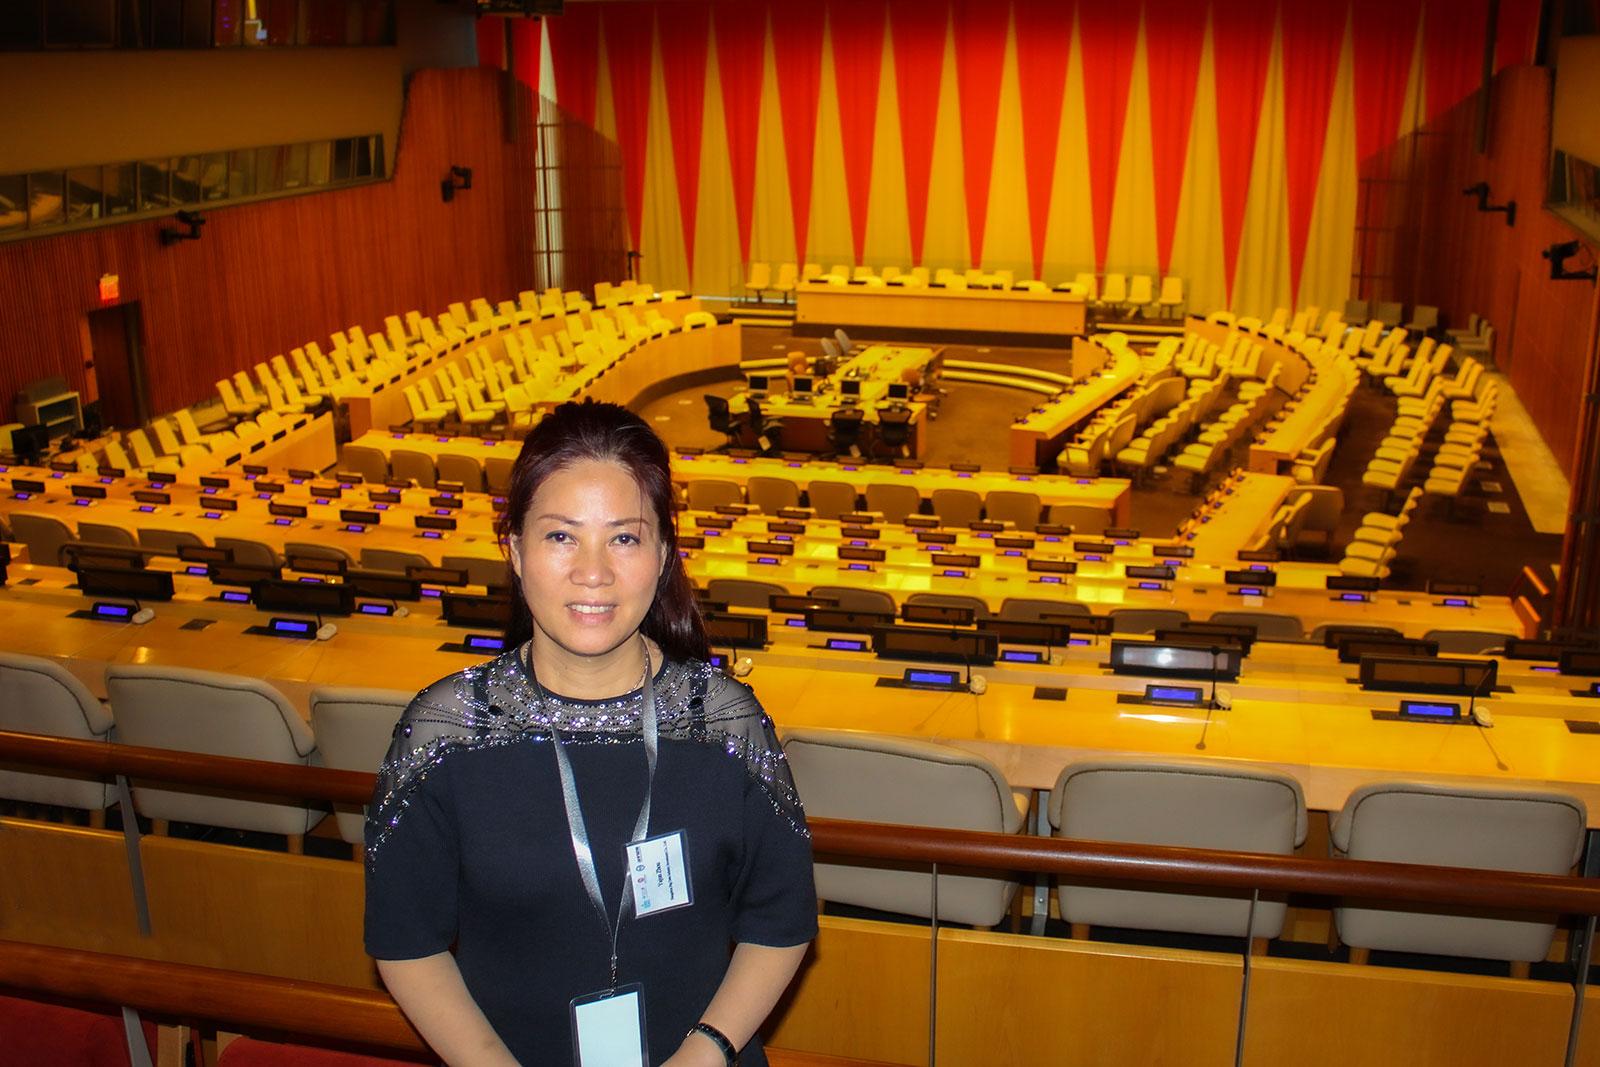 联合国会议现场